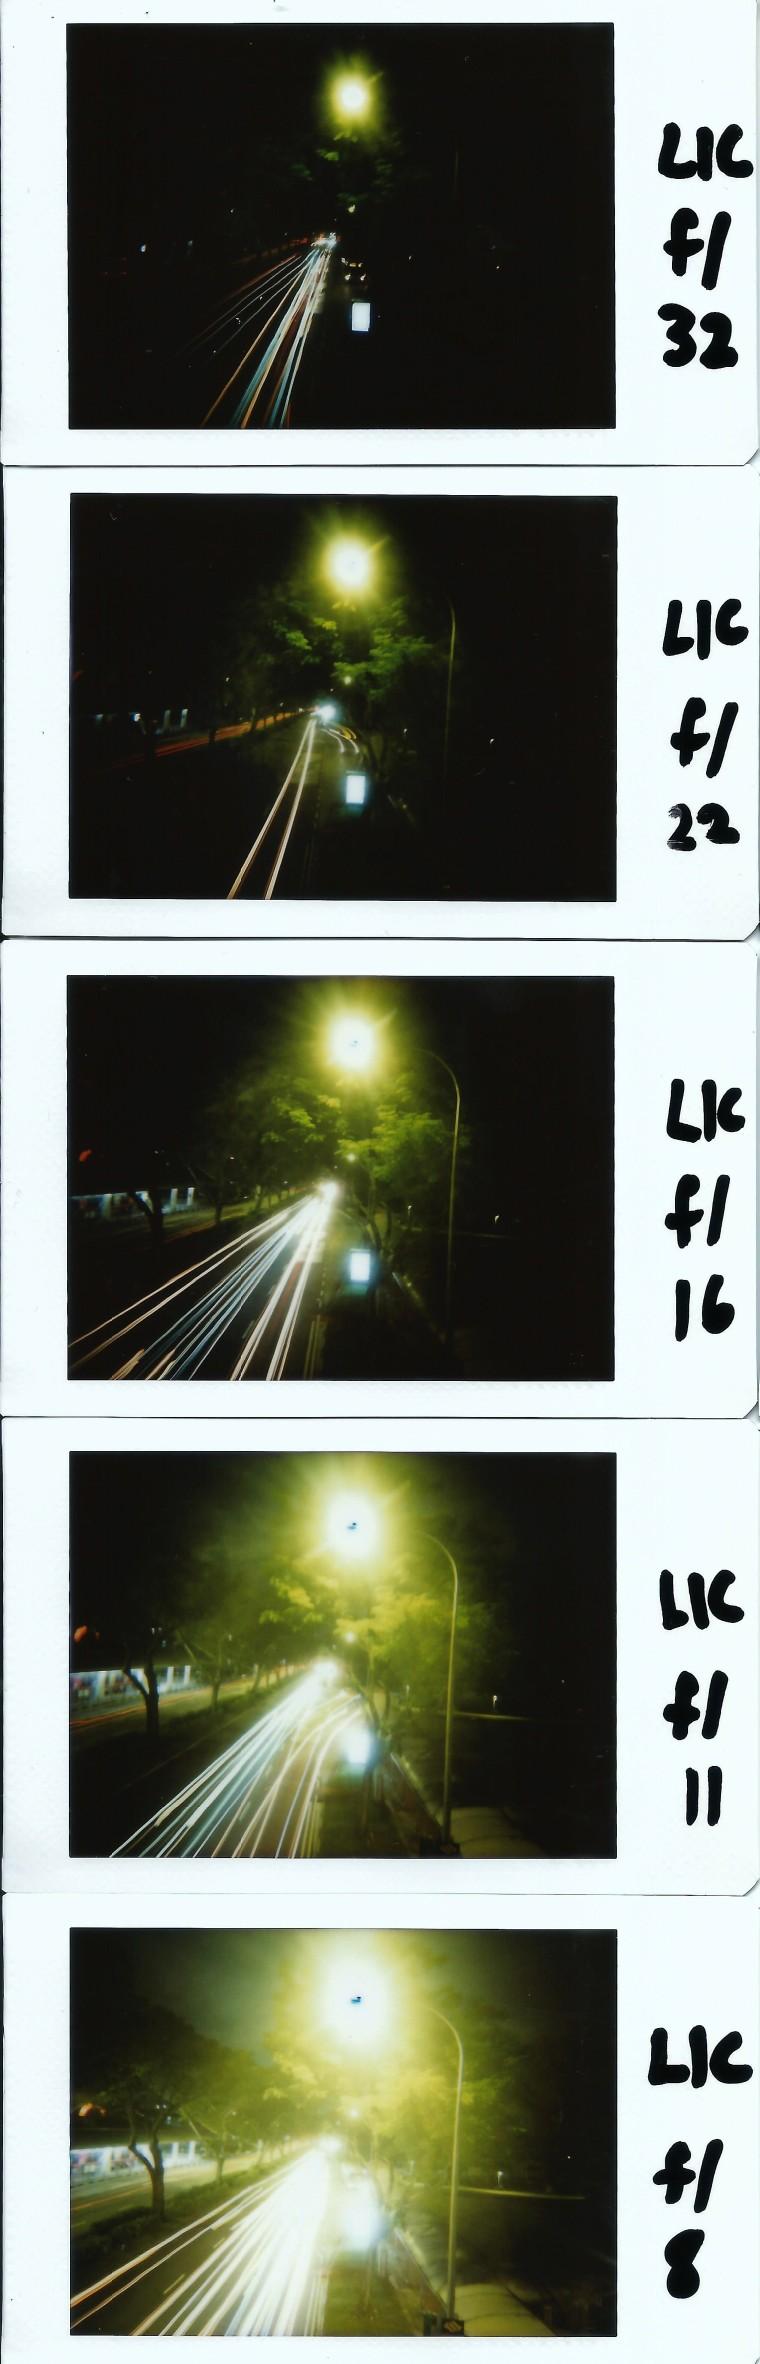 Image (47)a